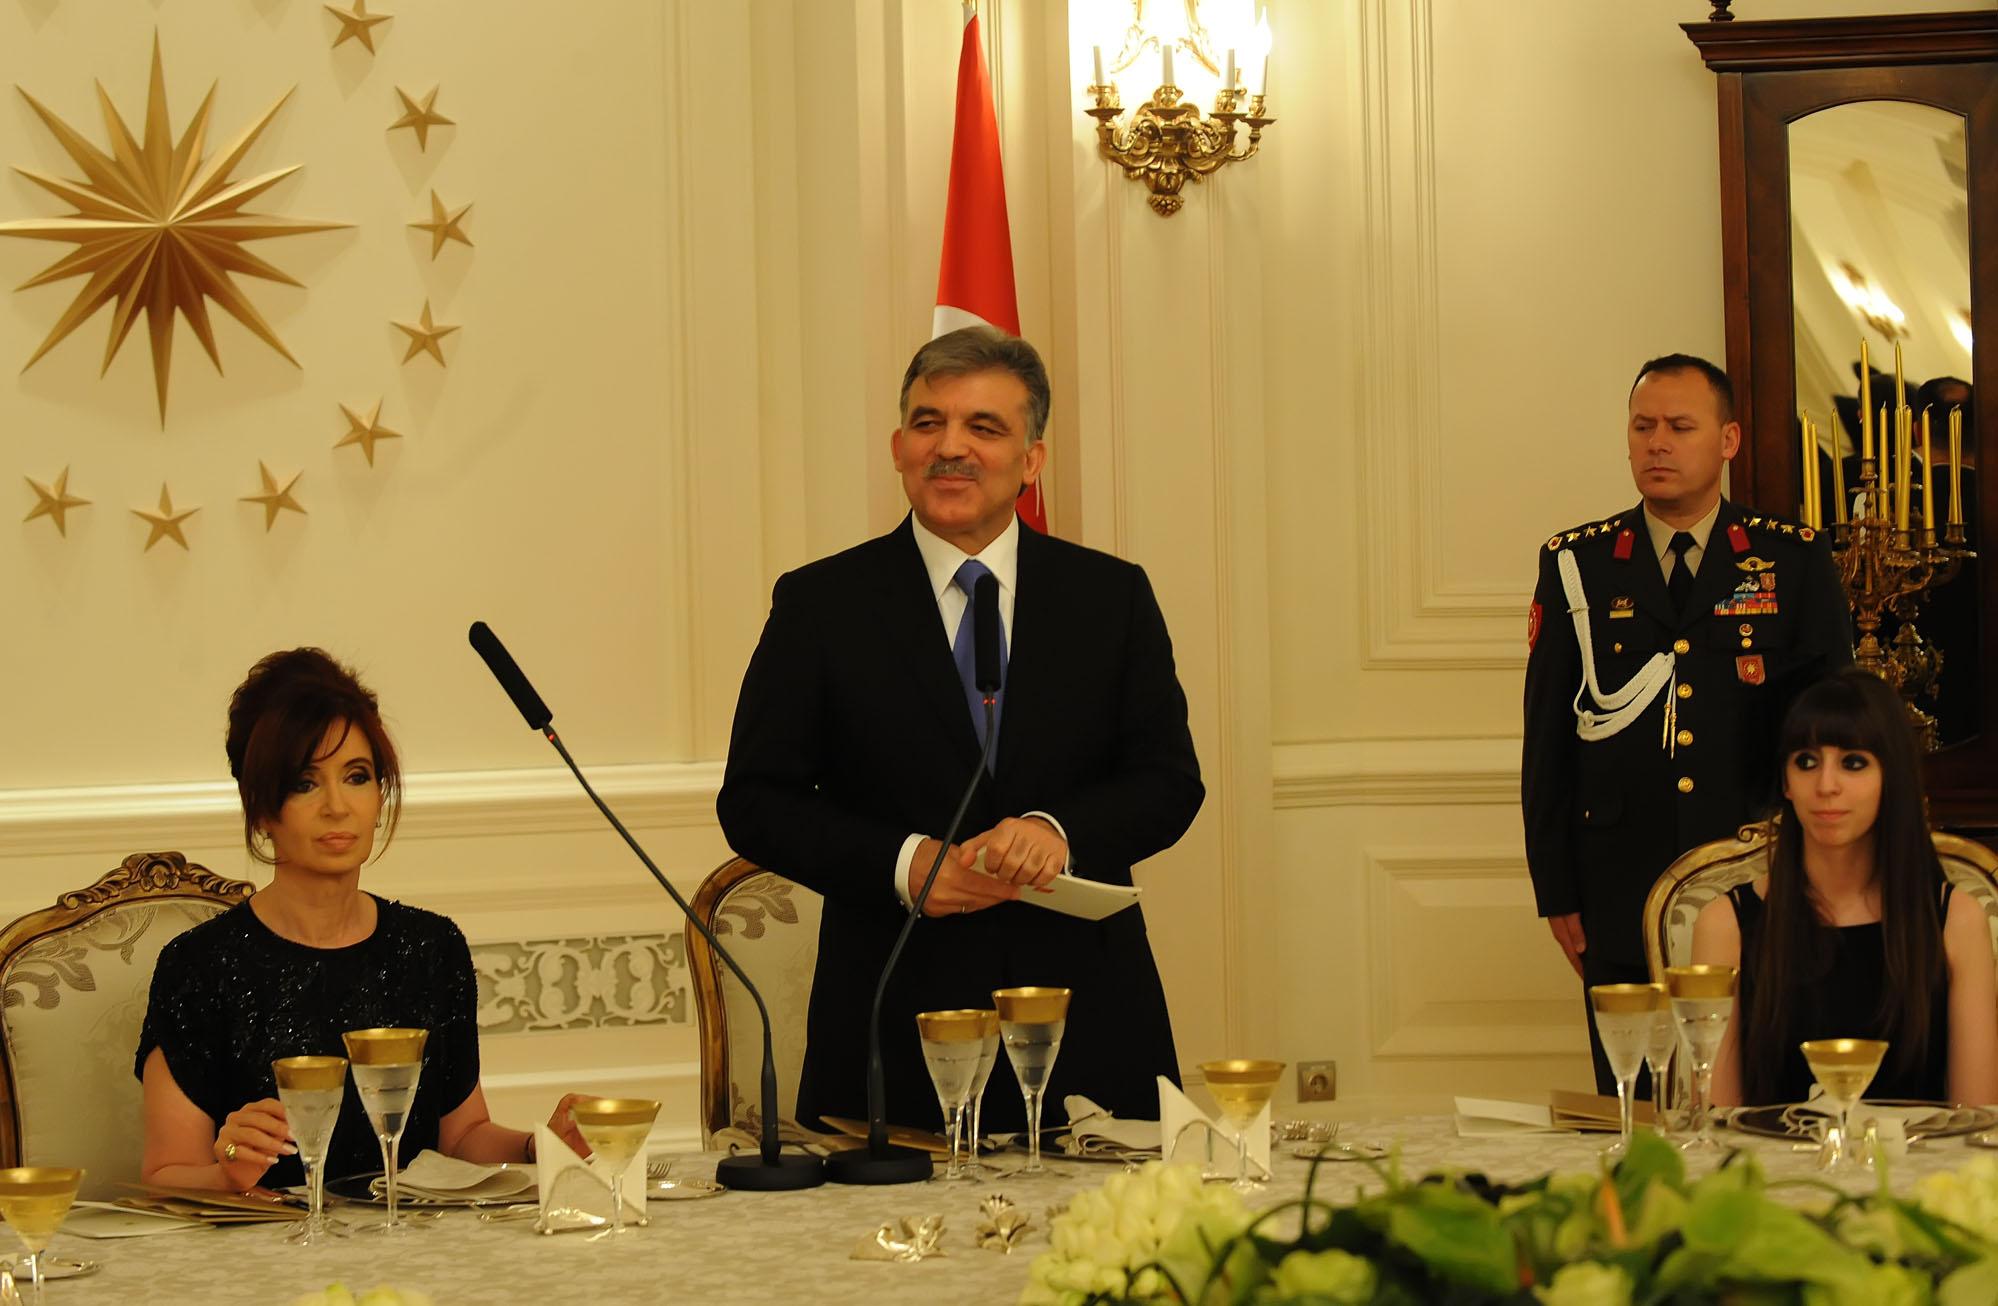 Dosya:Cristina Kirchner And Abdullah Gul In Turkey 6.jpg